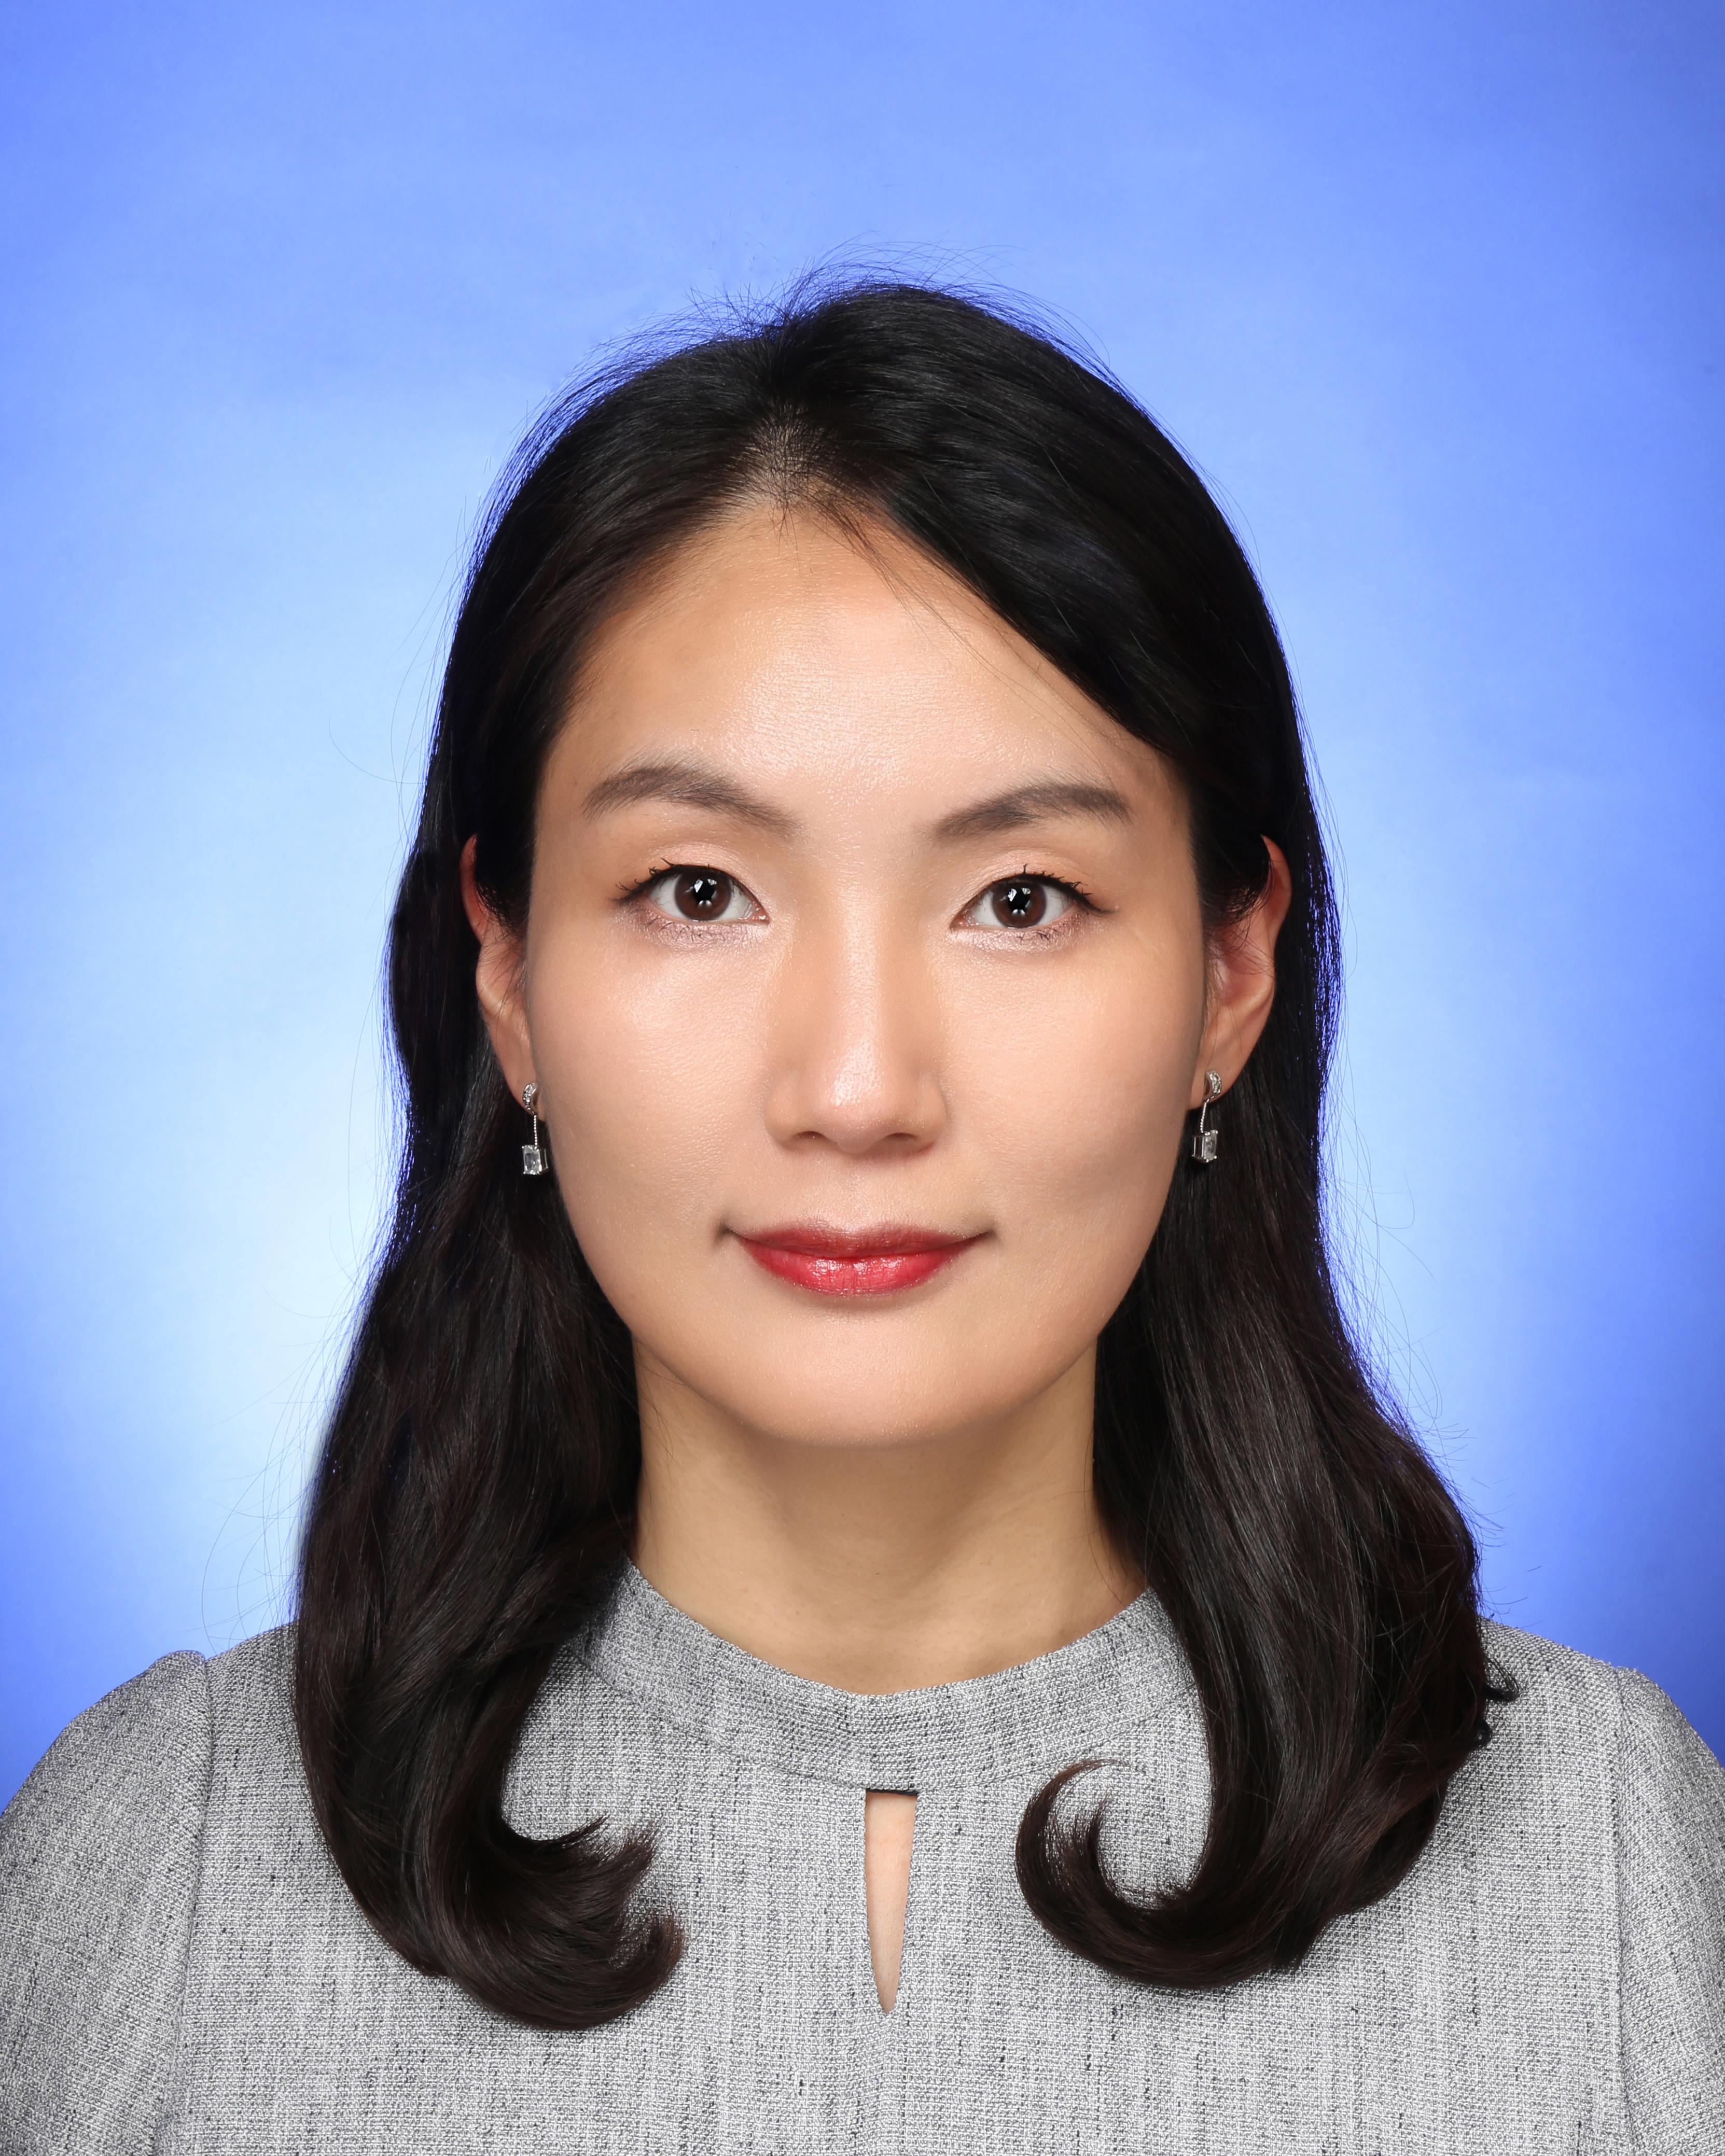 김윤정 프로필 사진